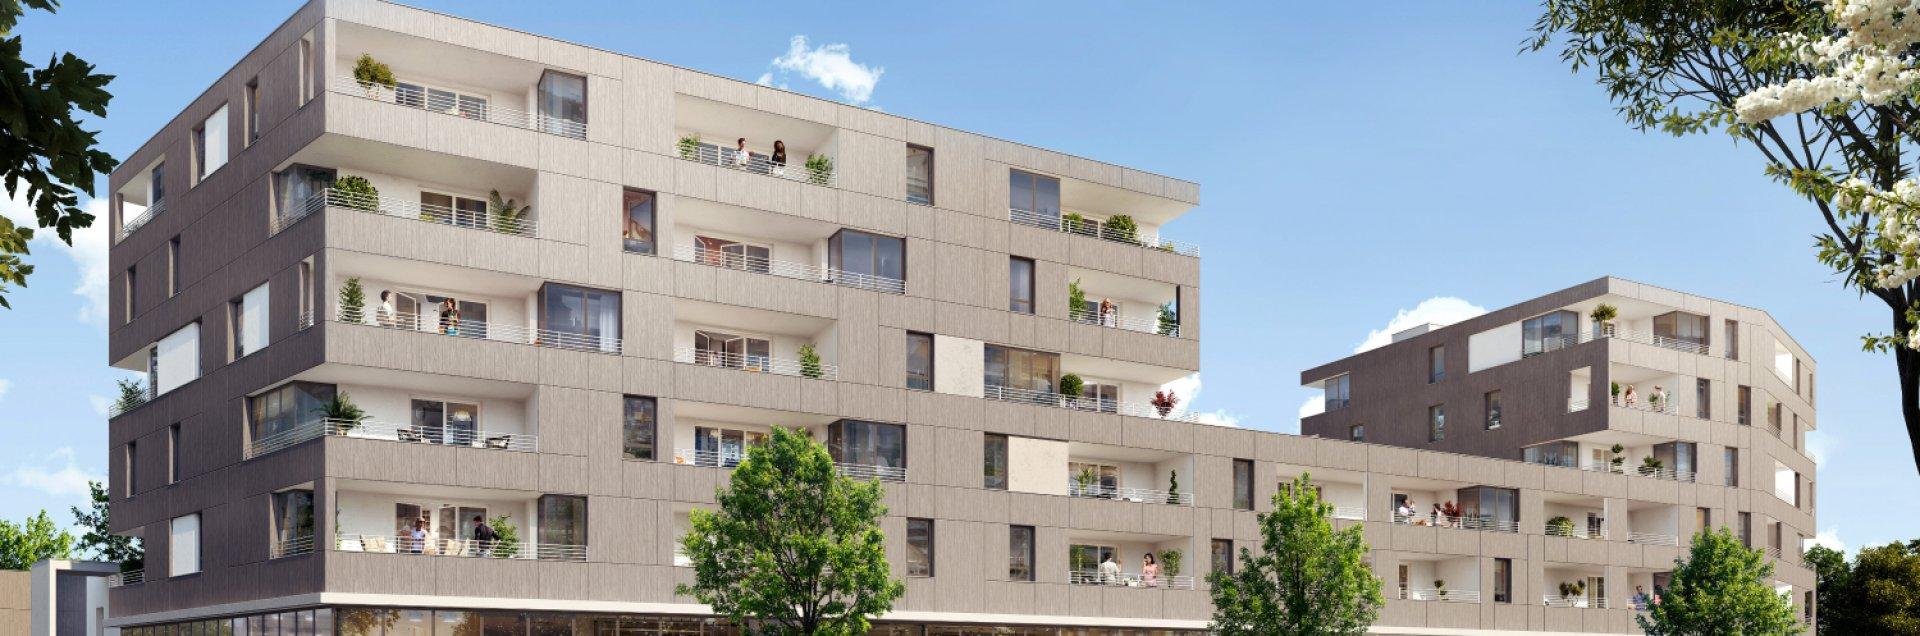 CÉRÈS Appartements et Villas - Web - Illustration